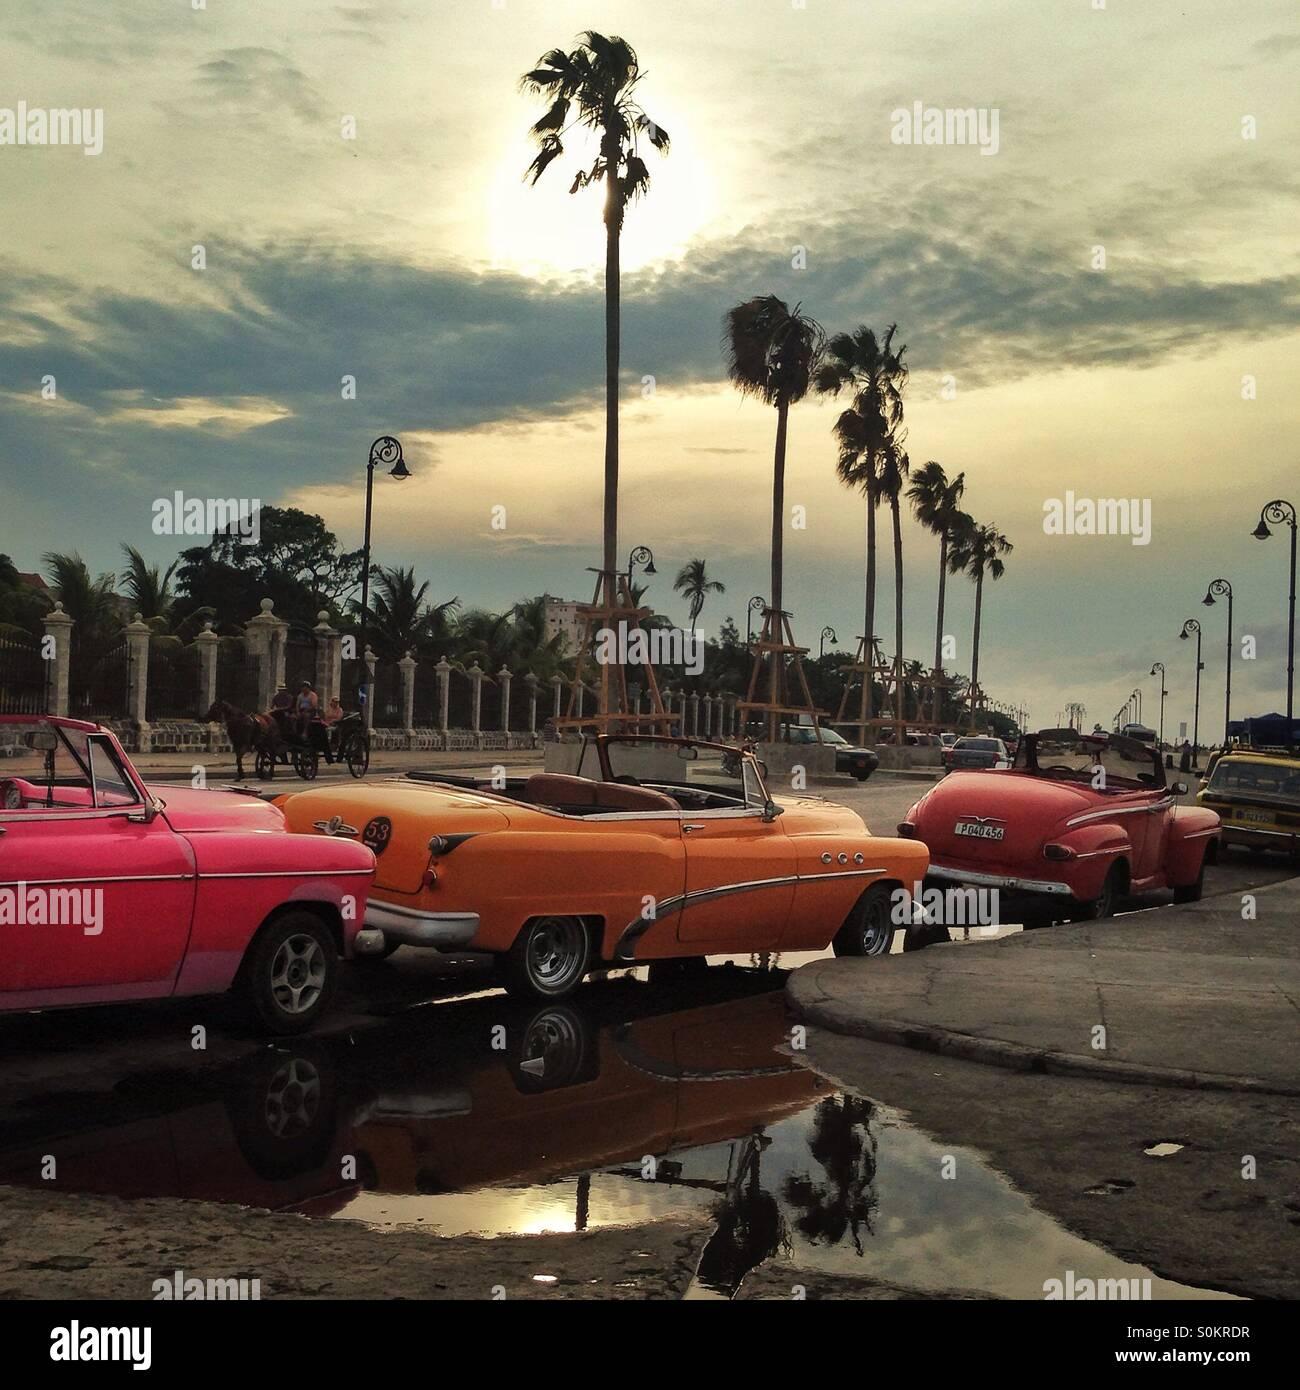 Coches clásicos se alinearon en el Malecón, La Habana, Cuba Imagen De Stock